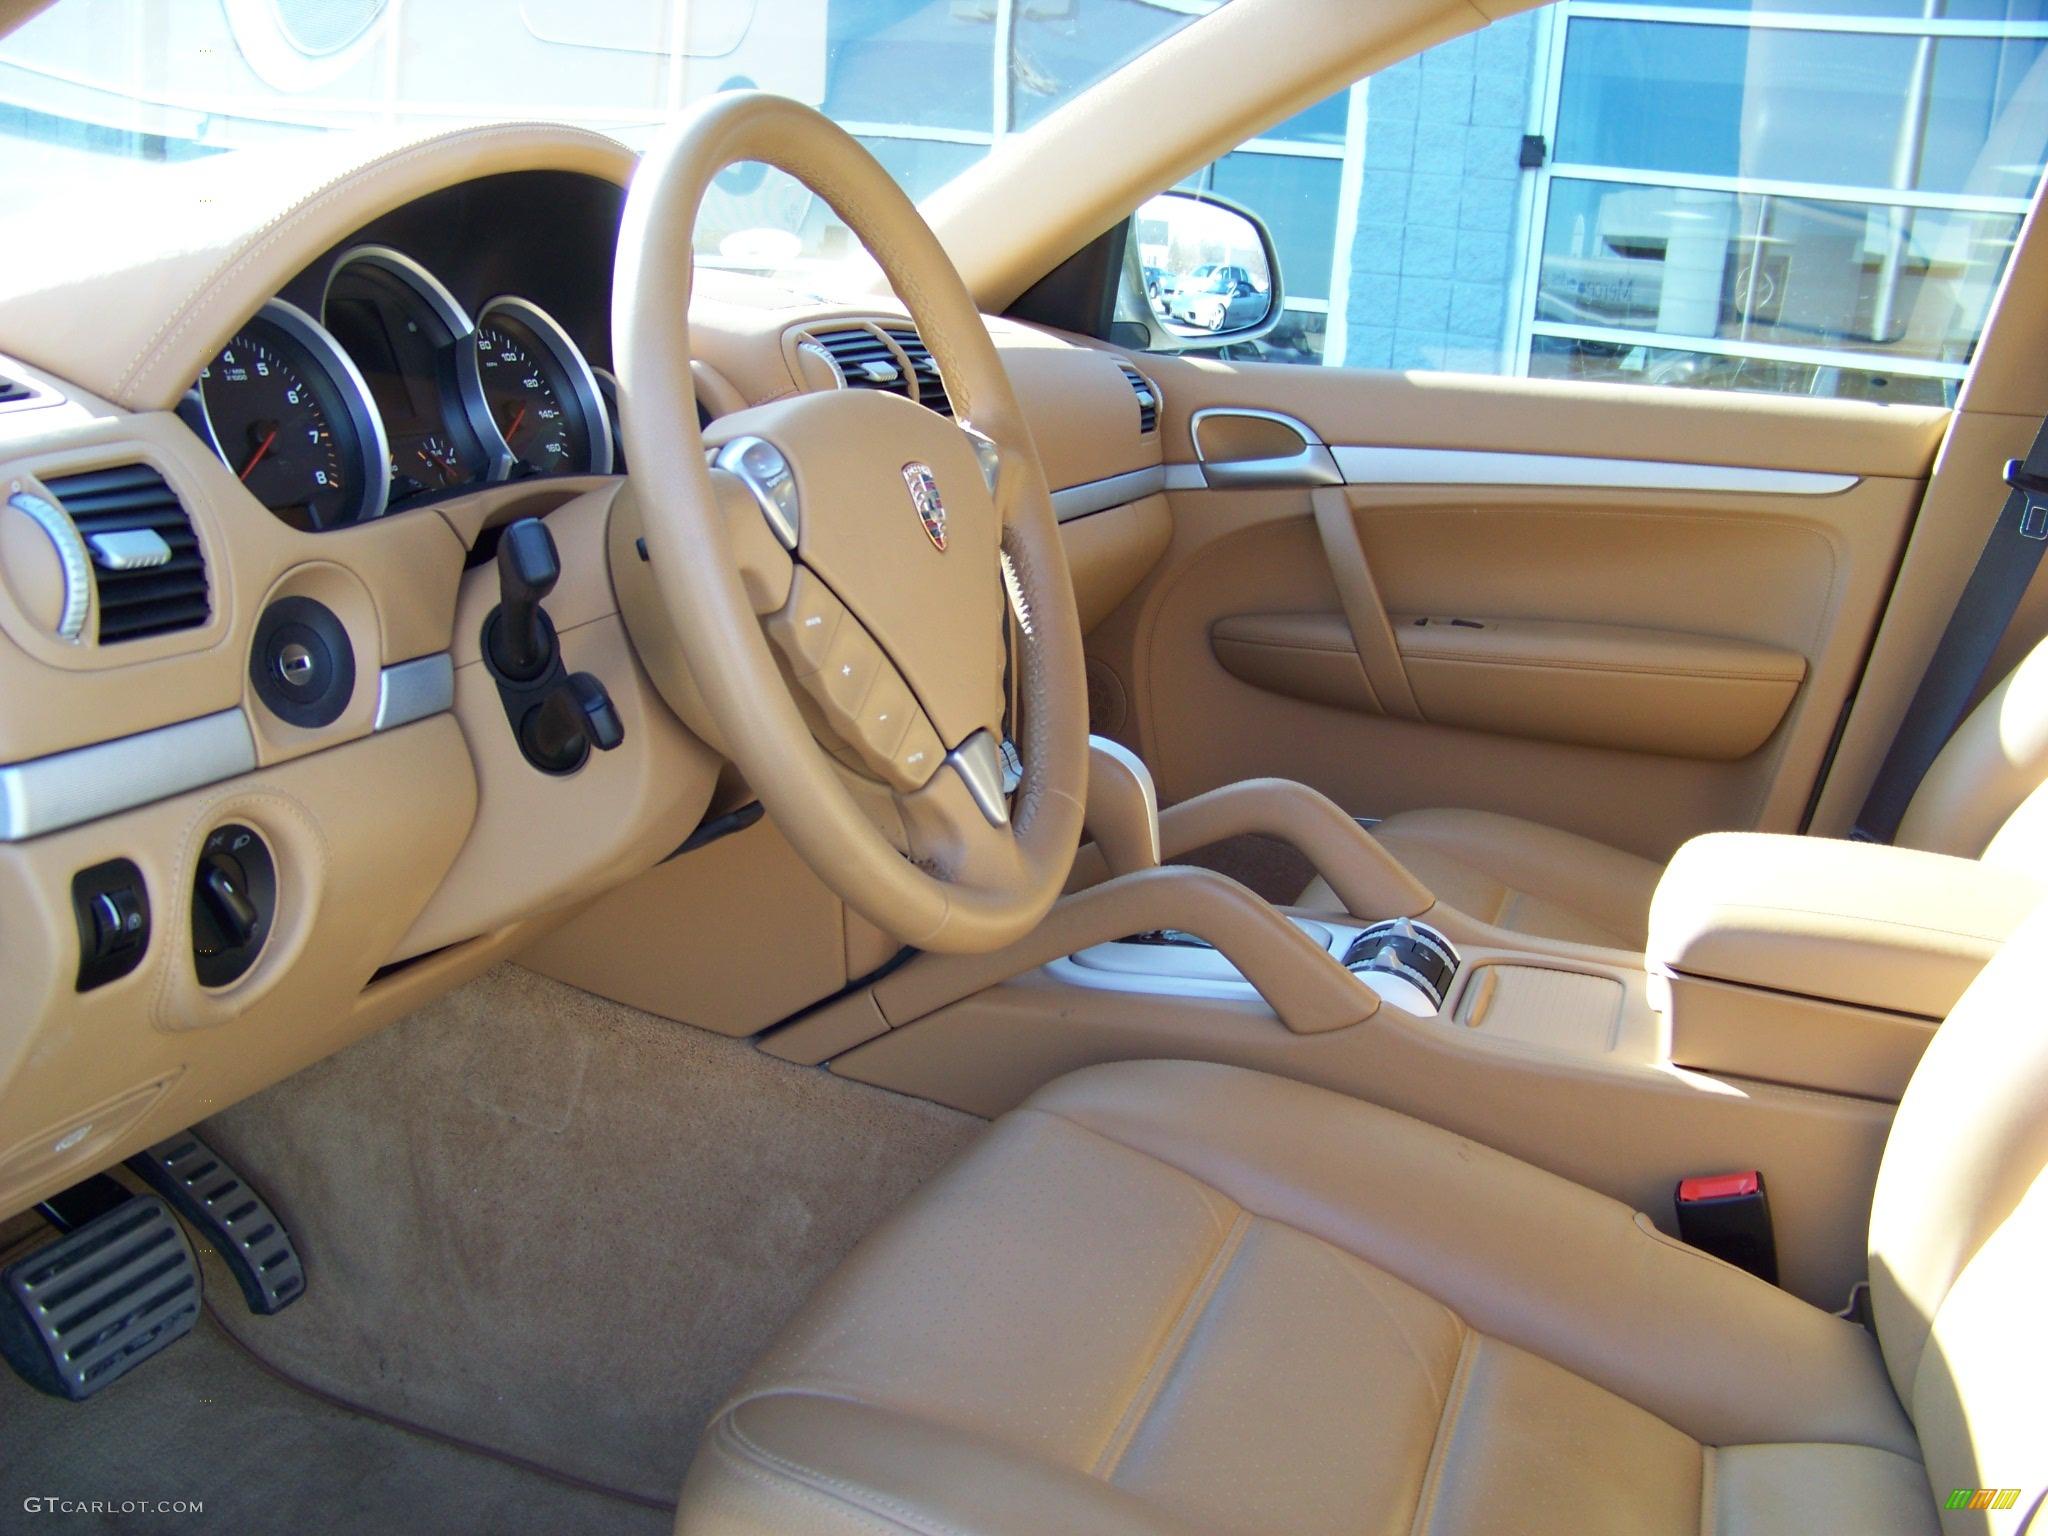 2006 porsche cayenne s interior photo 141191 for Porsche cayenne interior images